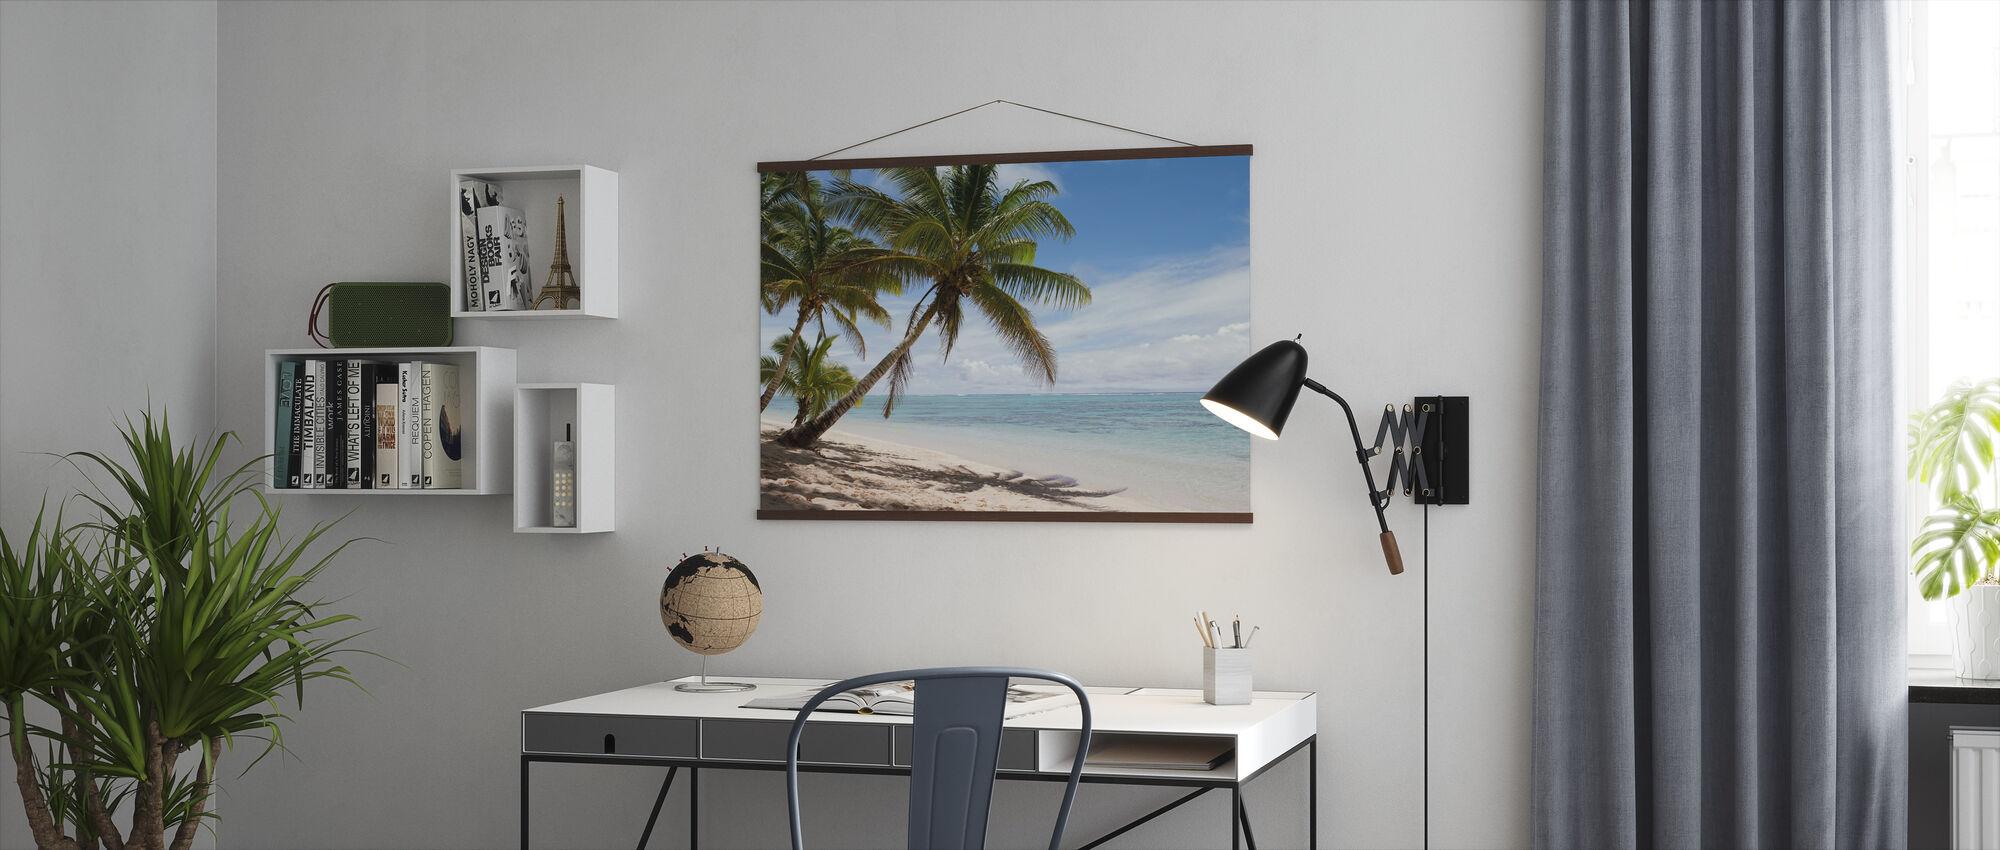 Tropisk strandscene - Plakat - Kontor